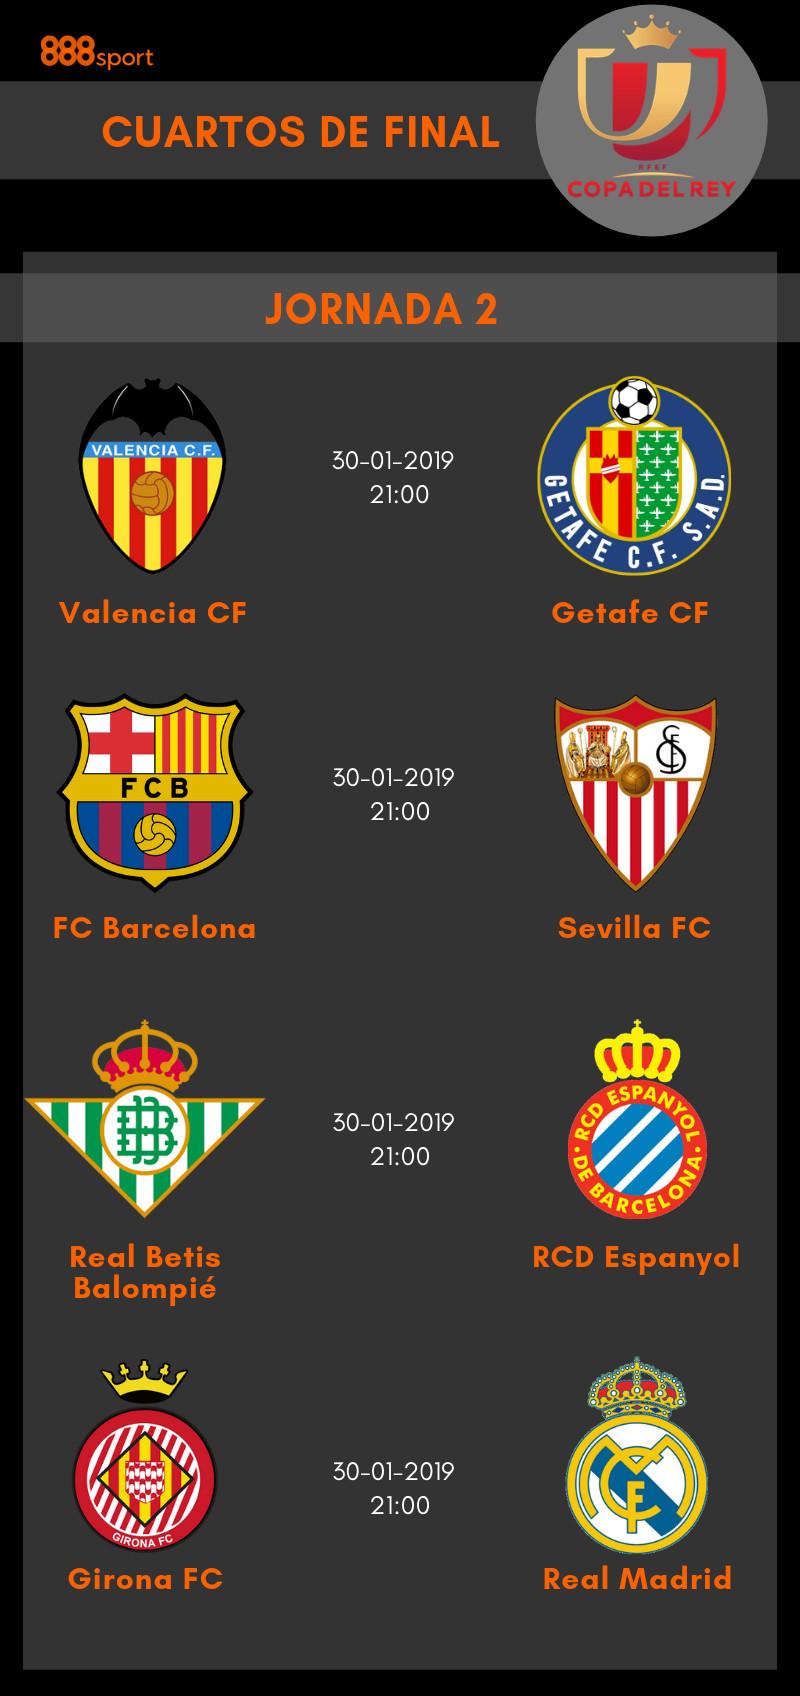 Apuestas Copa del Rey | Partidos Cuartos Final